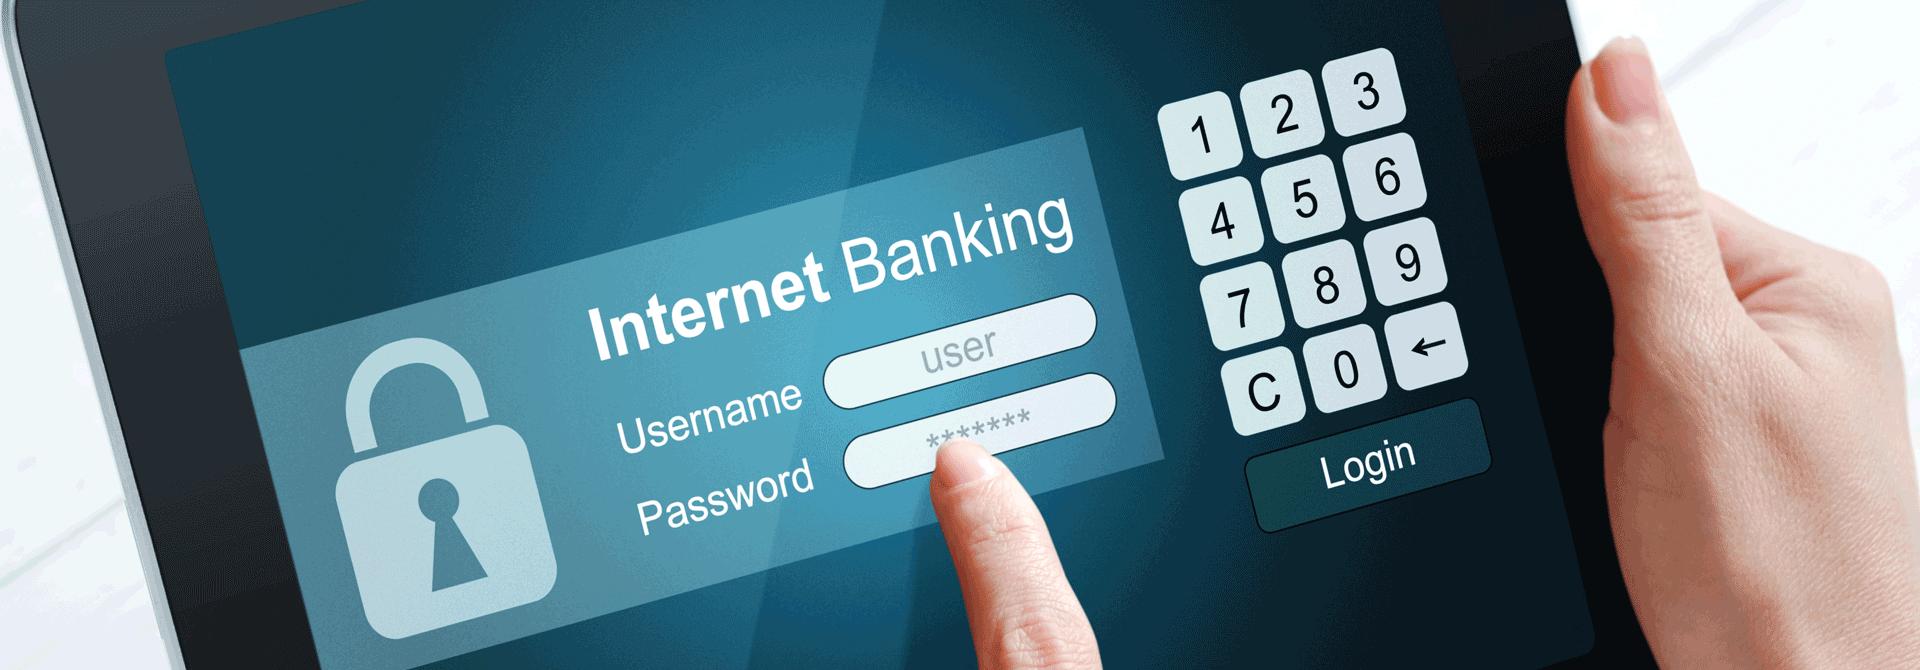 Ứng dụng internet banking mà bạn cần biết